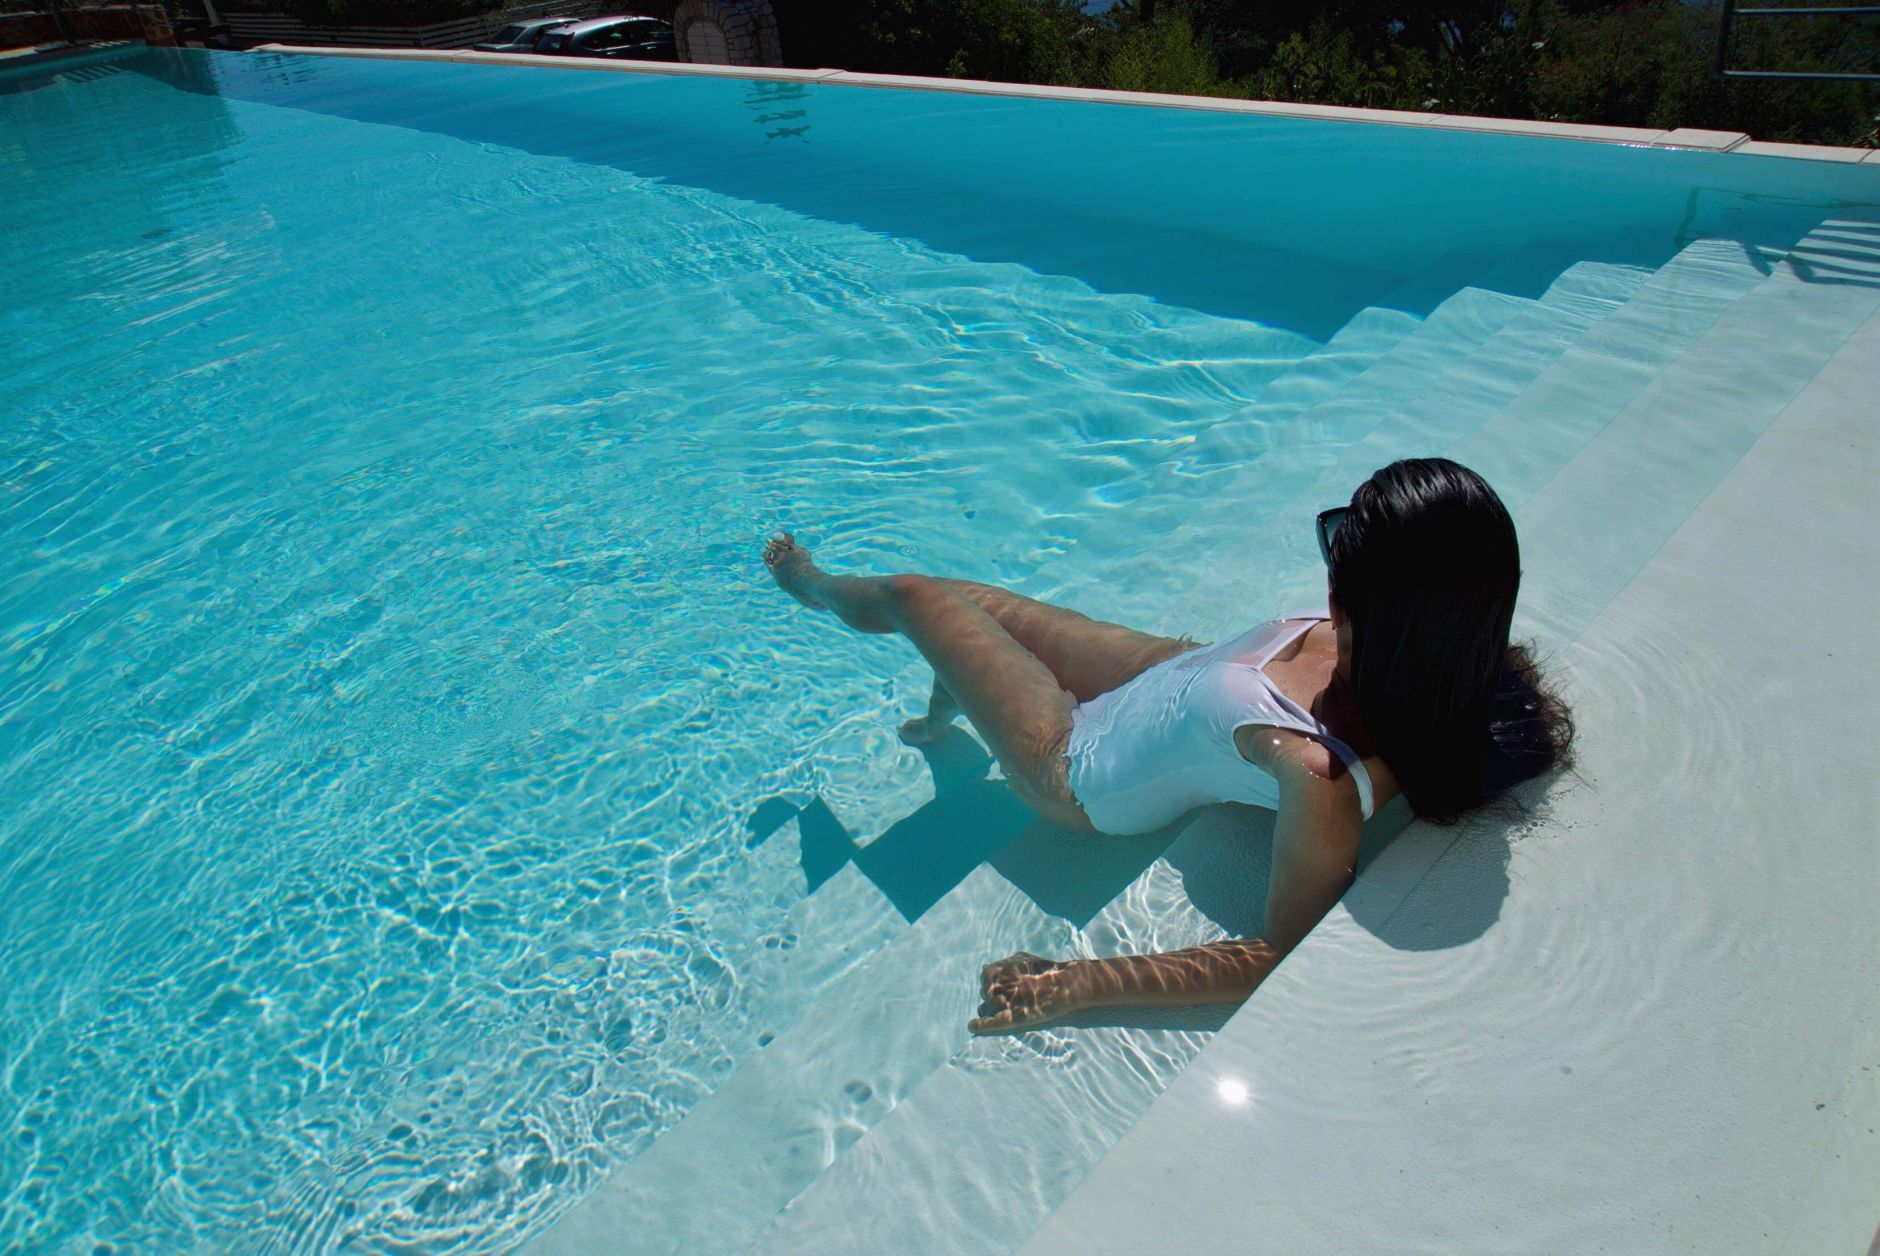 11-travel-lifestyle-hotel-tiara-yaktsa-cote-dazur-disi-couture